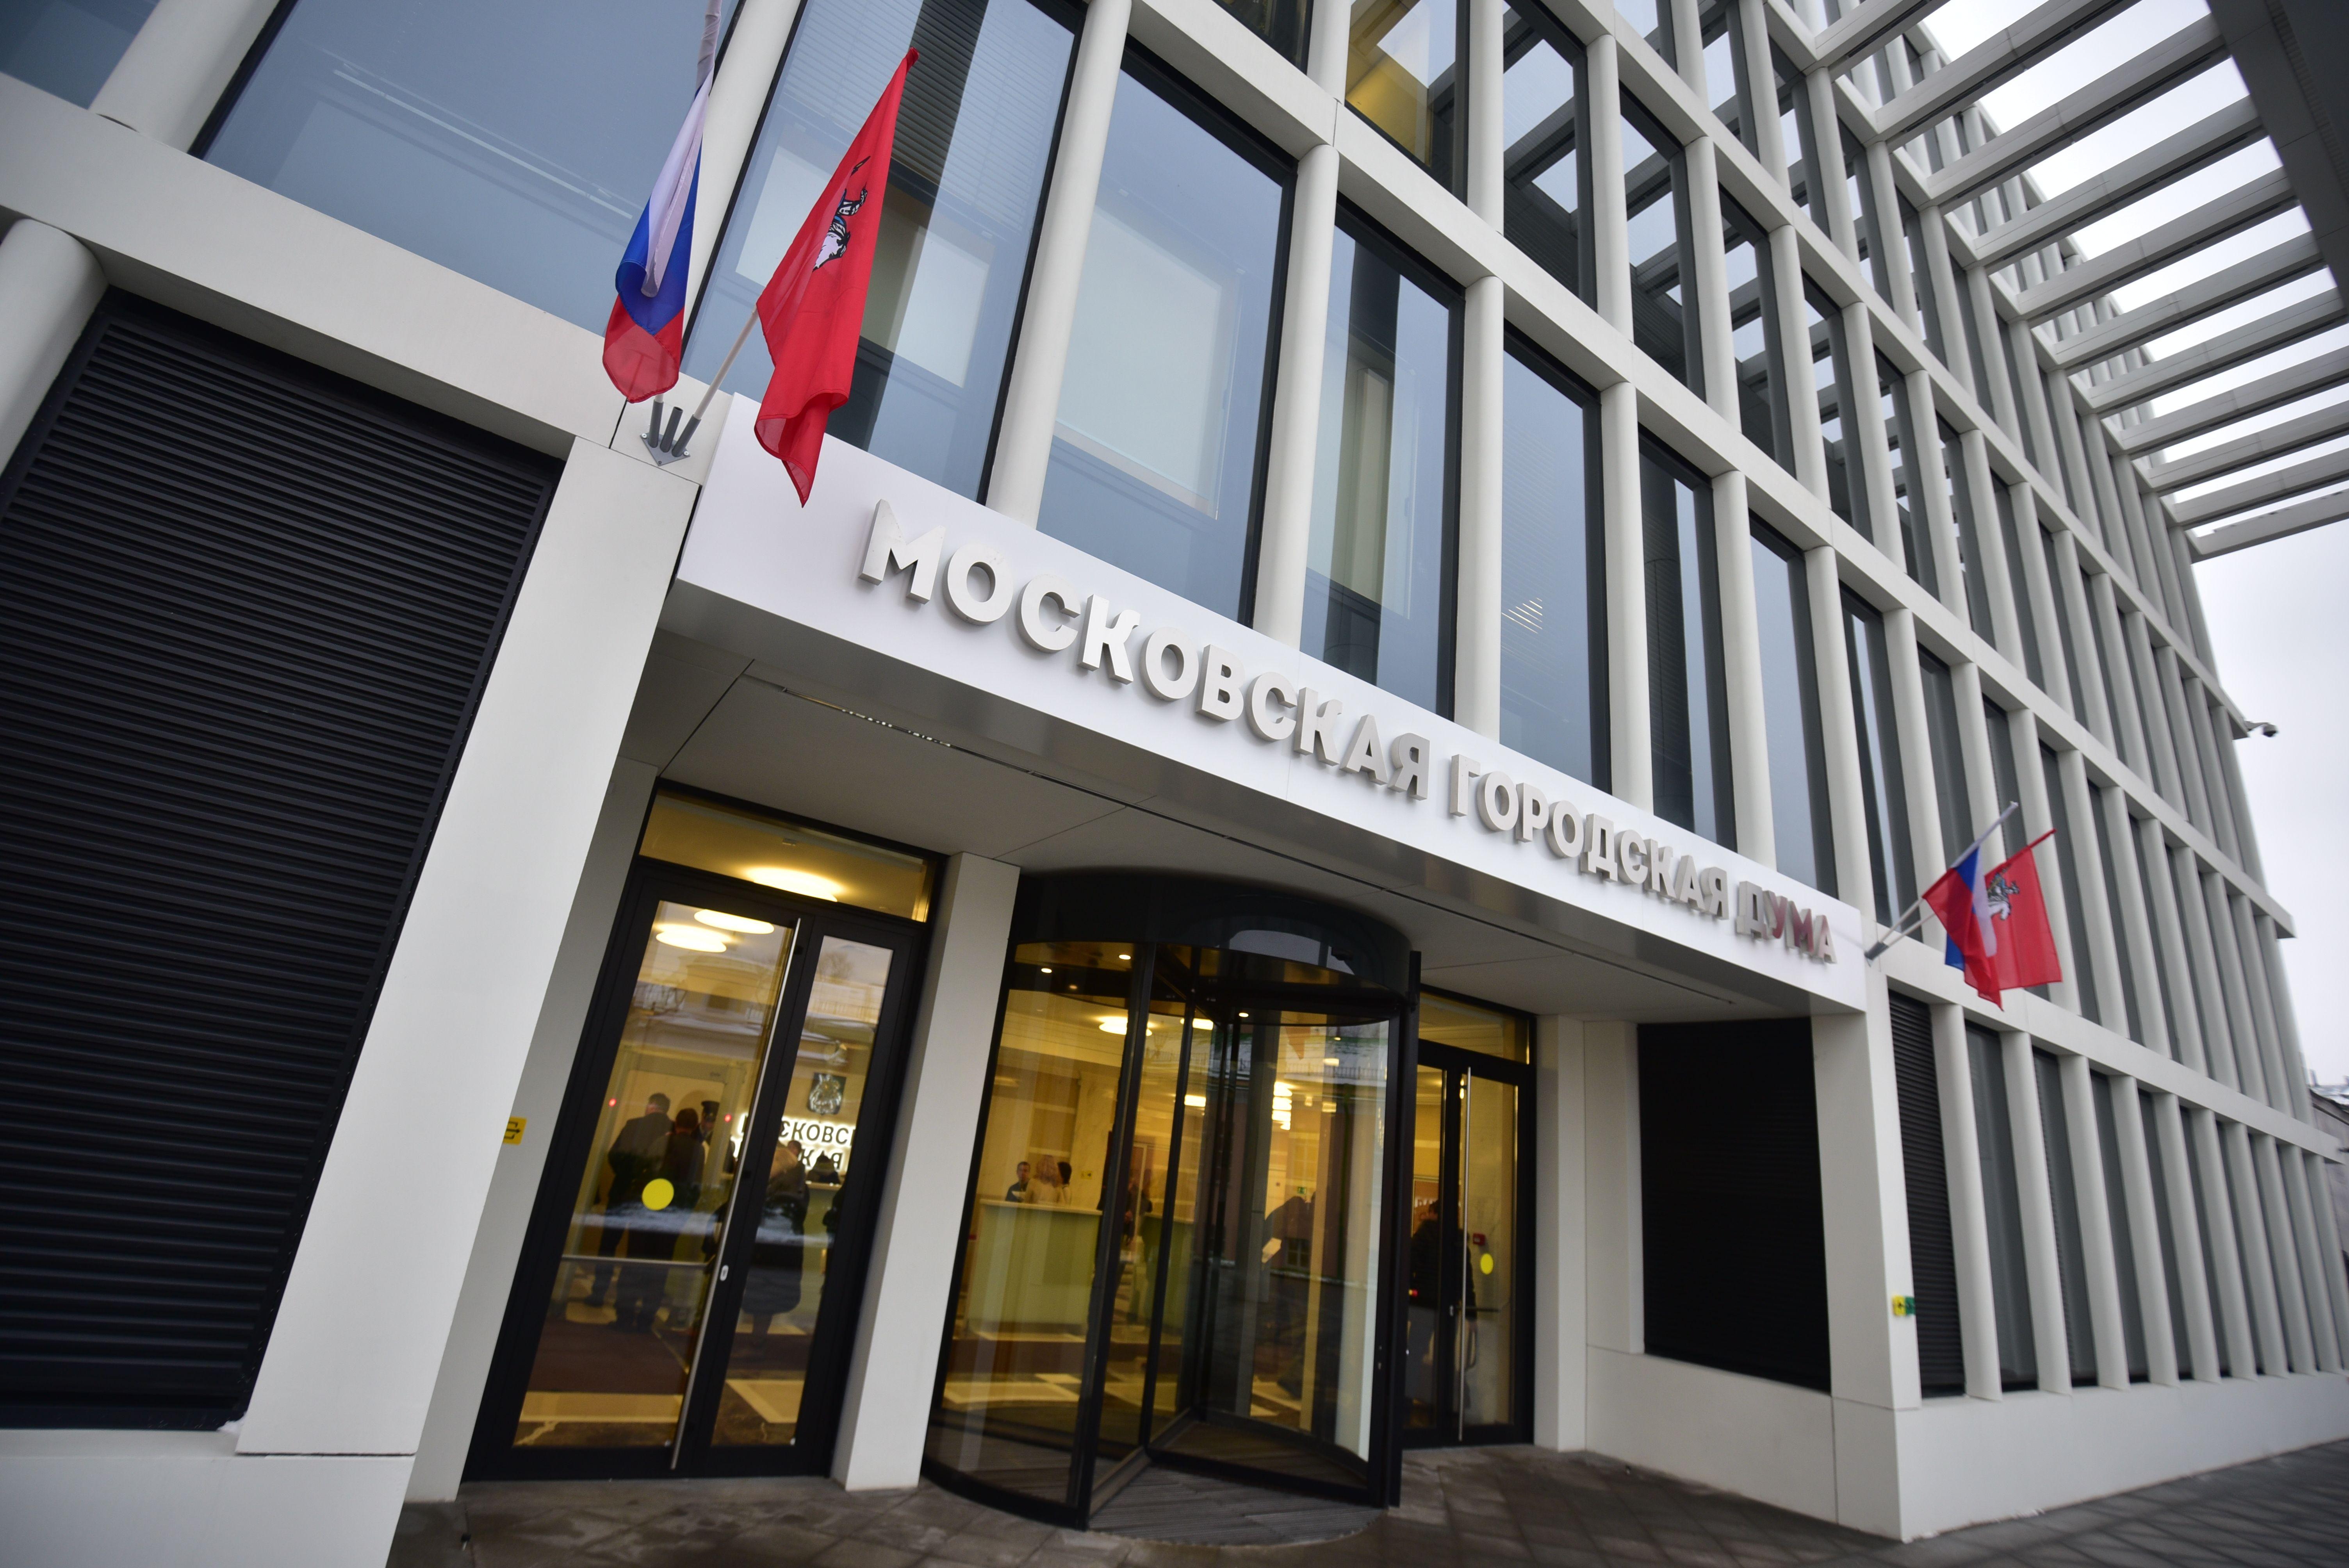 Депутат МГД Головченко: В Москве созданы условия для внедрения помогающих бизнесу инноваций